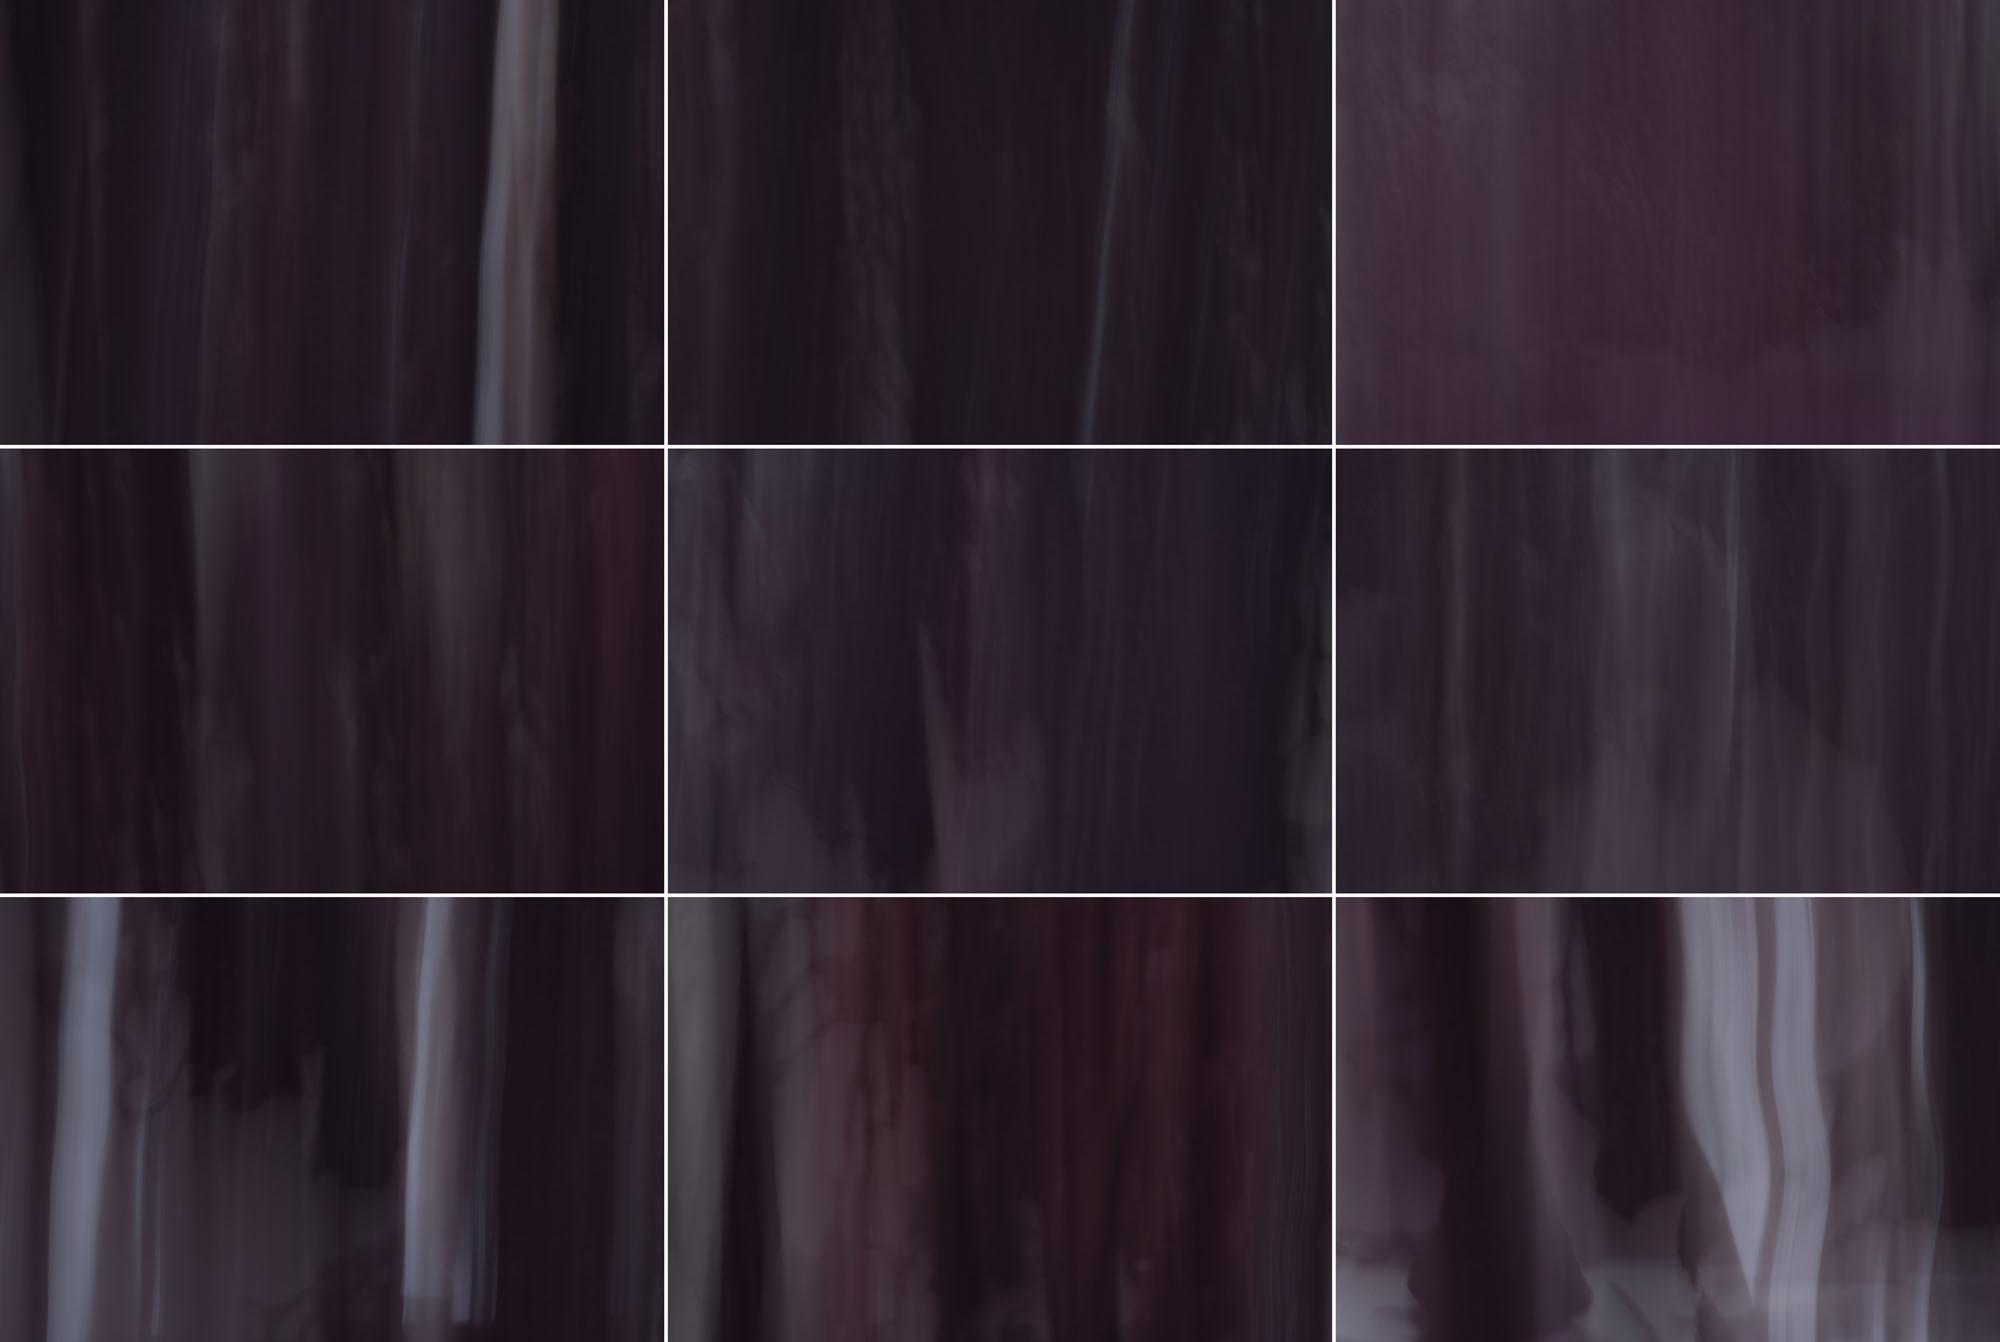 Foto van vage paarse vormen in 9 hokjes